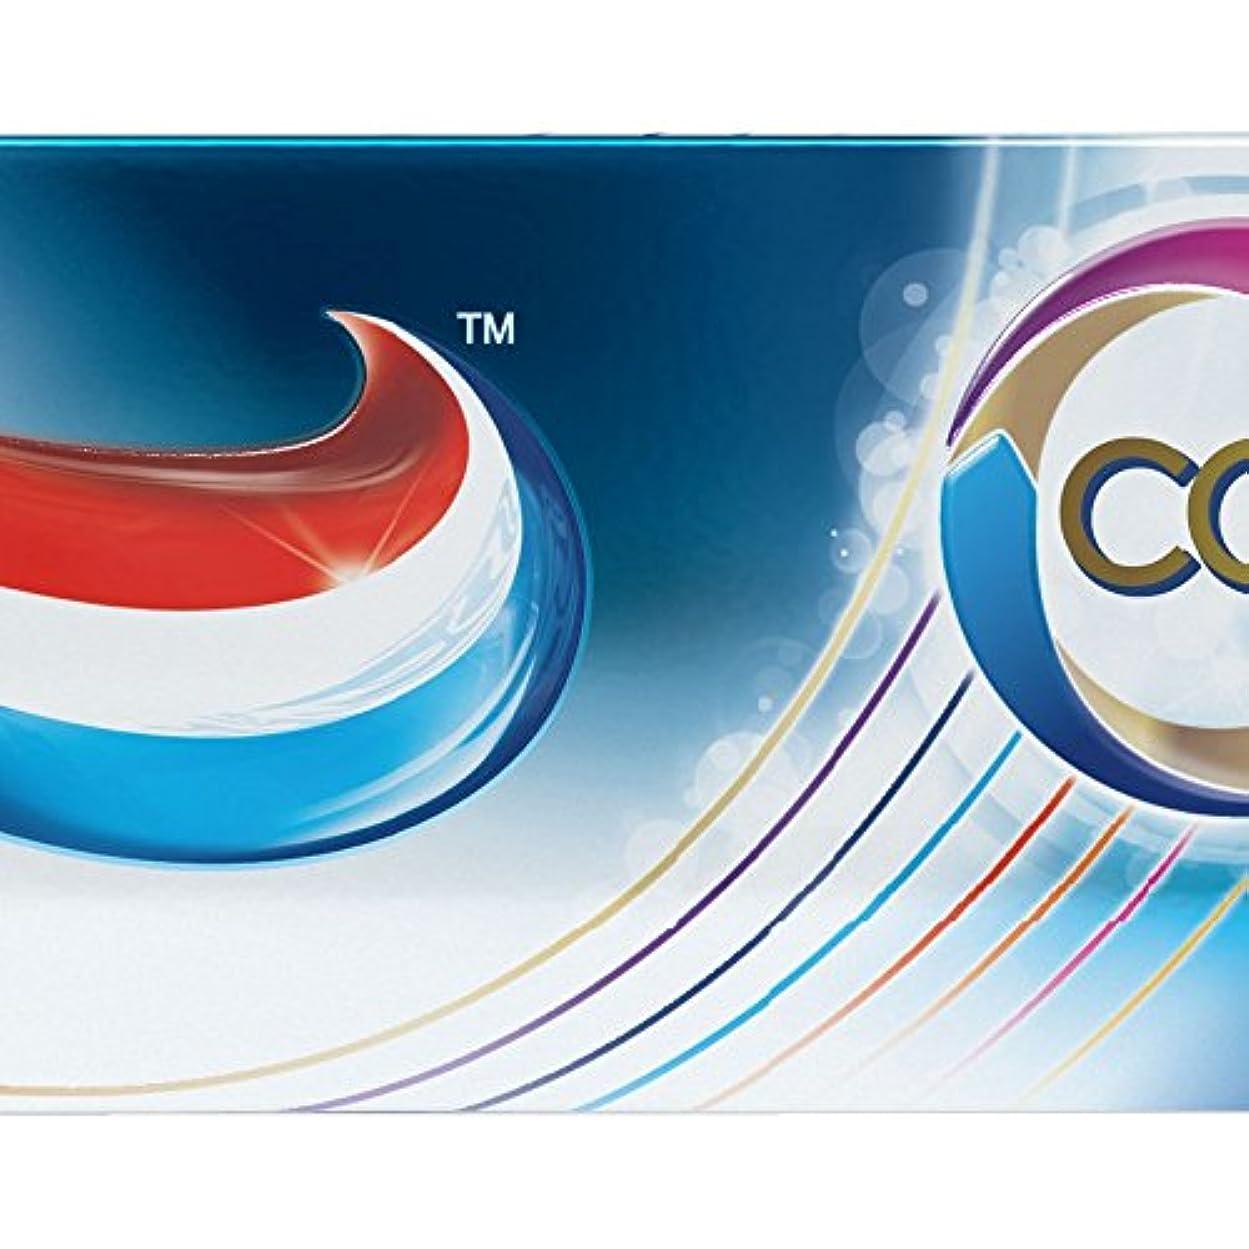 遠足同行する不忠Aquafresh Complete Care Fluoride Toothpaste (75ml) アクアフレッシュコンプリートケアフッ化物歯磨き粉( 75ミリリットル) [並行輸入品]